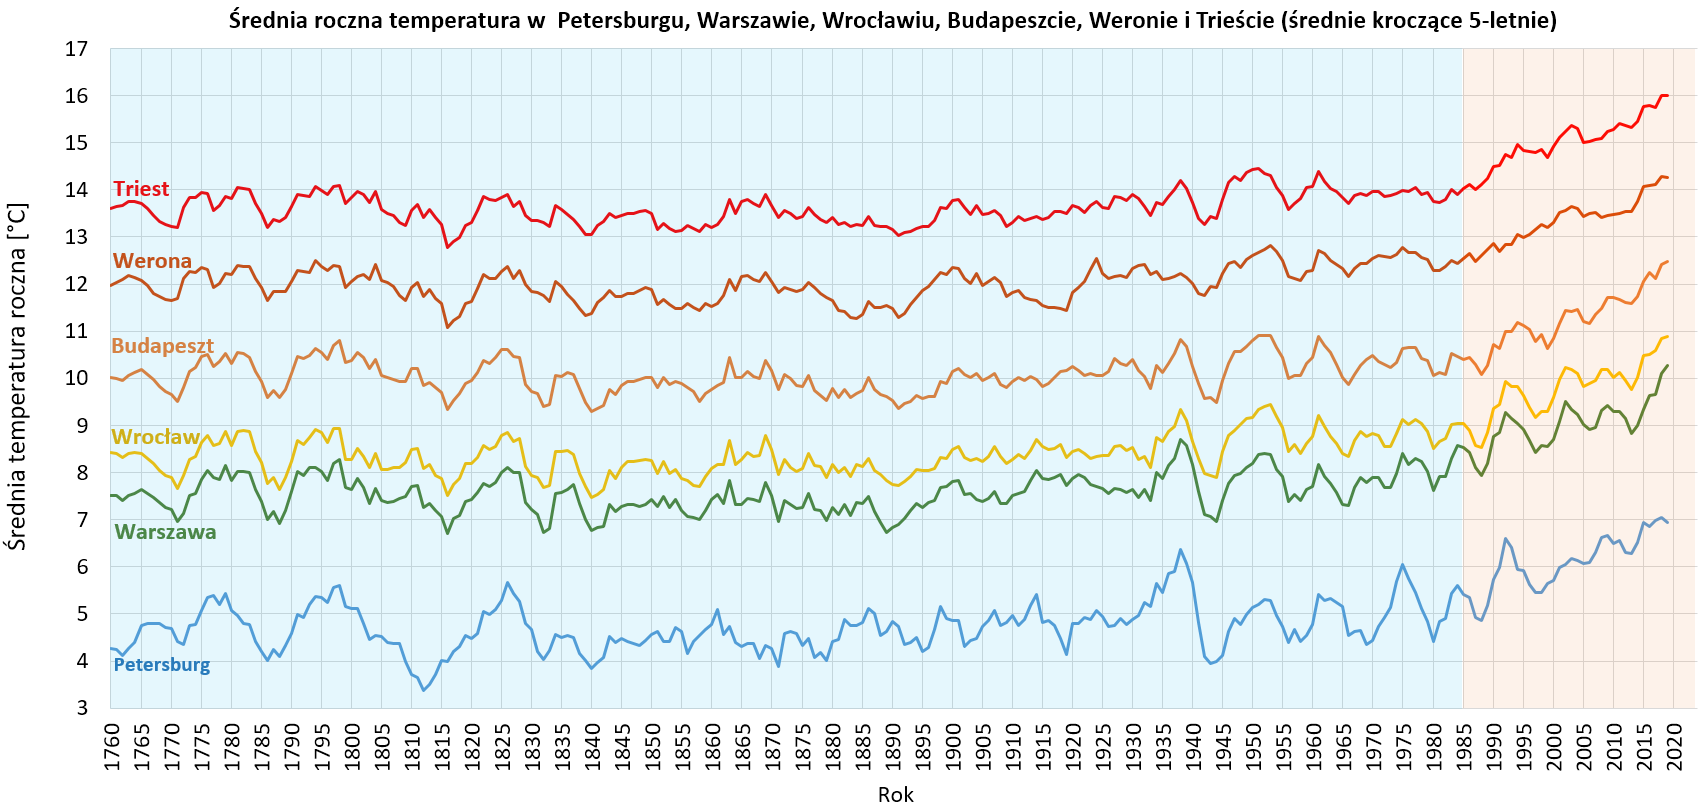 Wykres średniej temperatury rocznej w wybranych miastach Europy